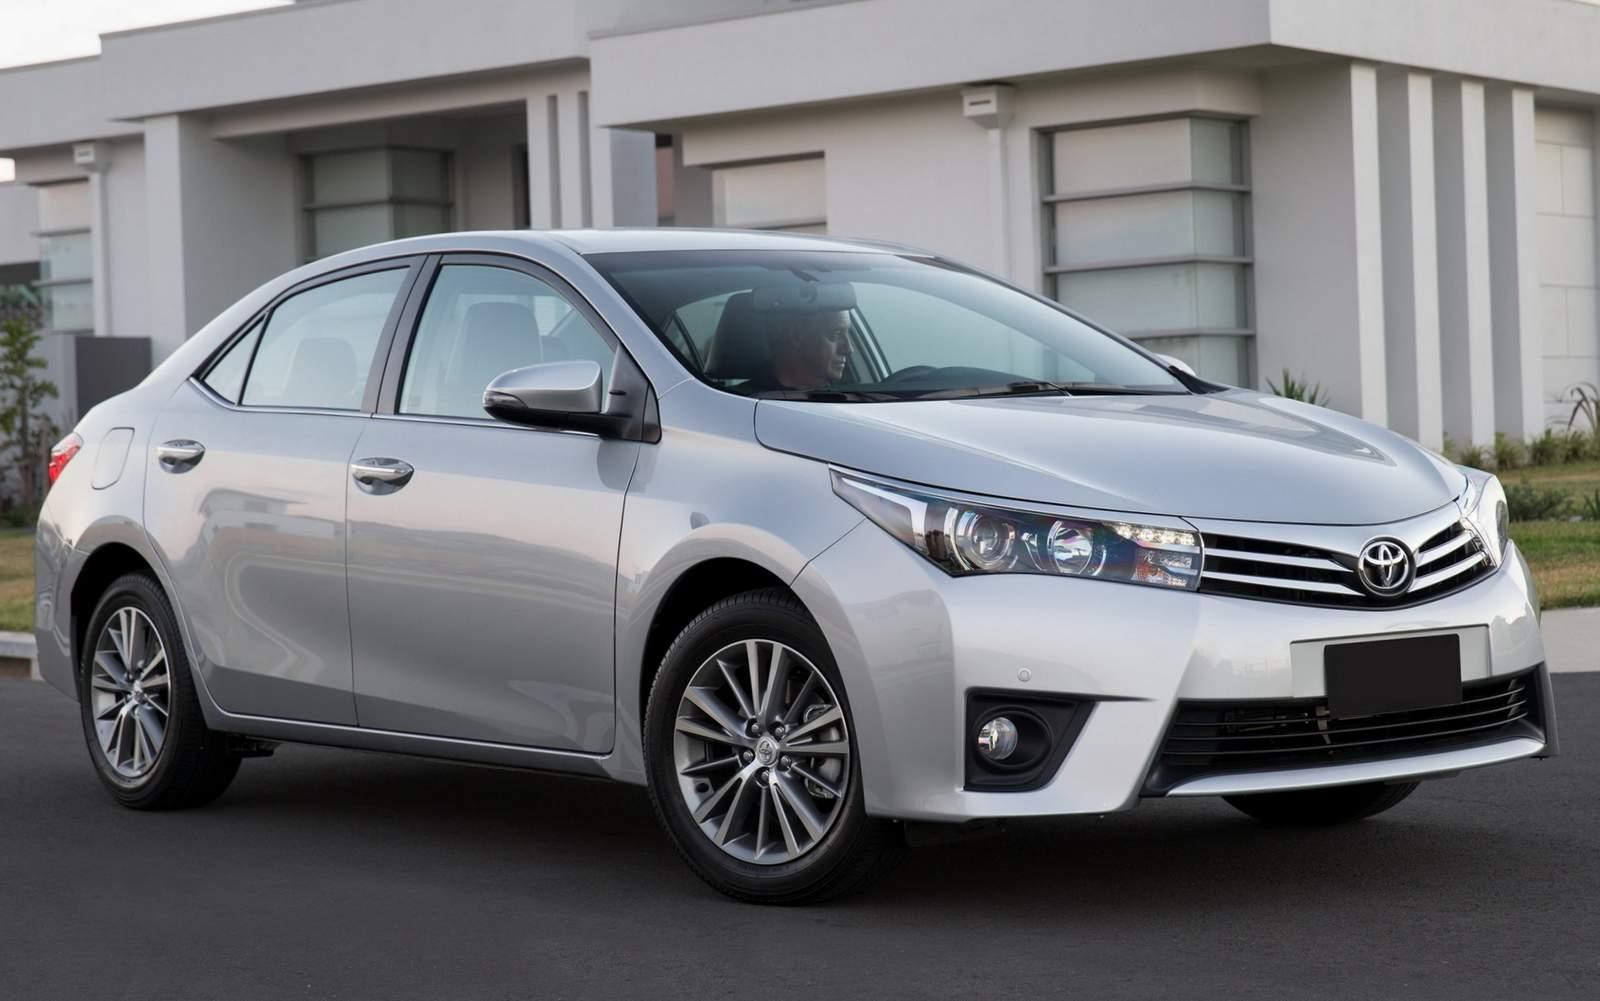 Toyota срочно отзывает 1,58 млн. автомобилей Yaris и Corolla 3